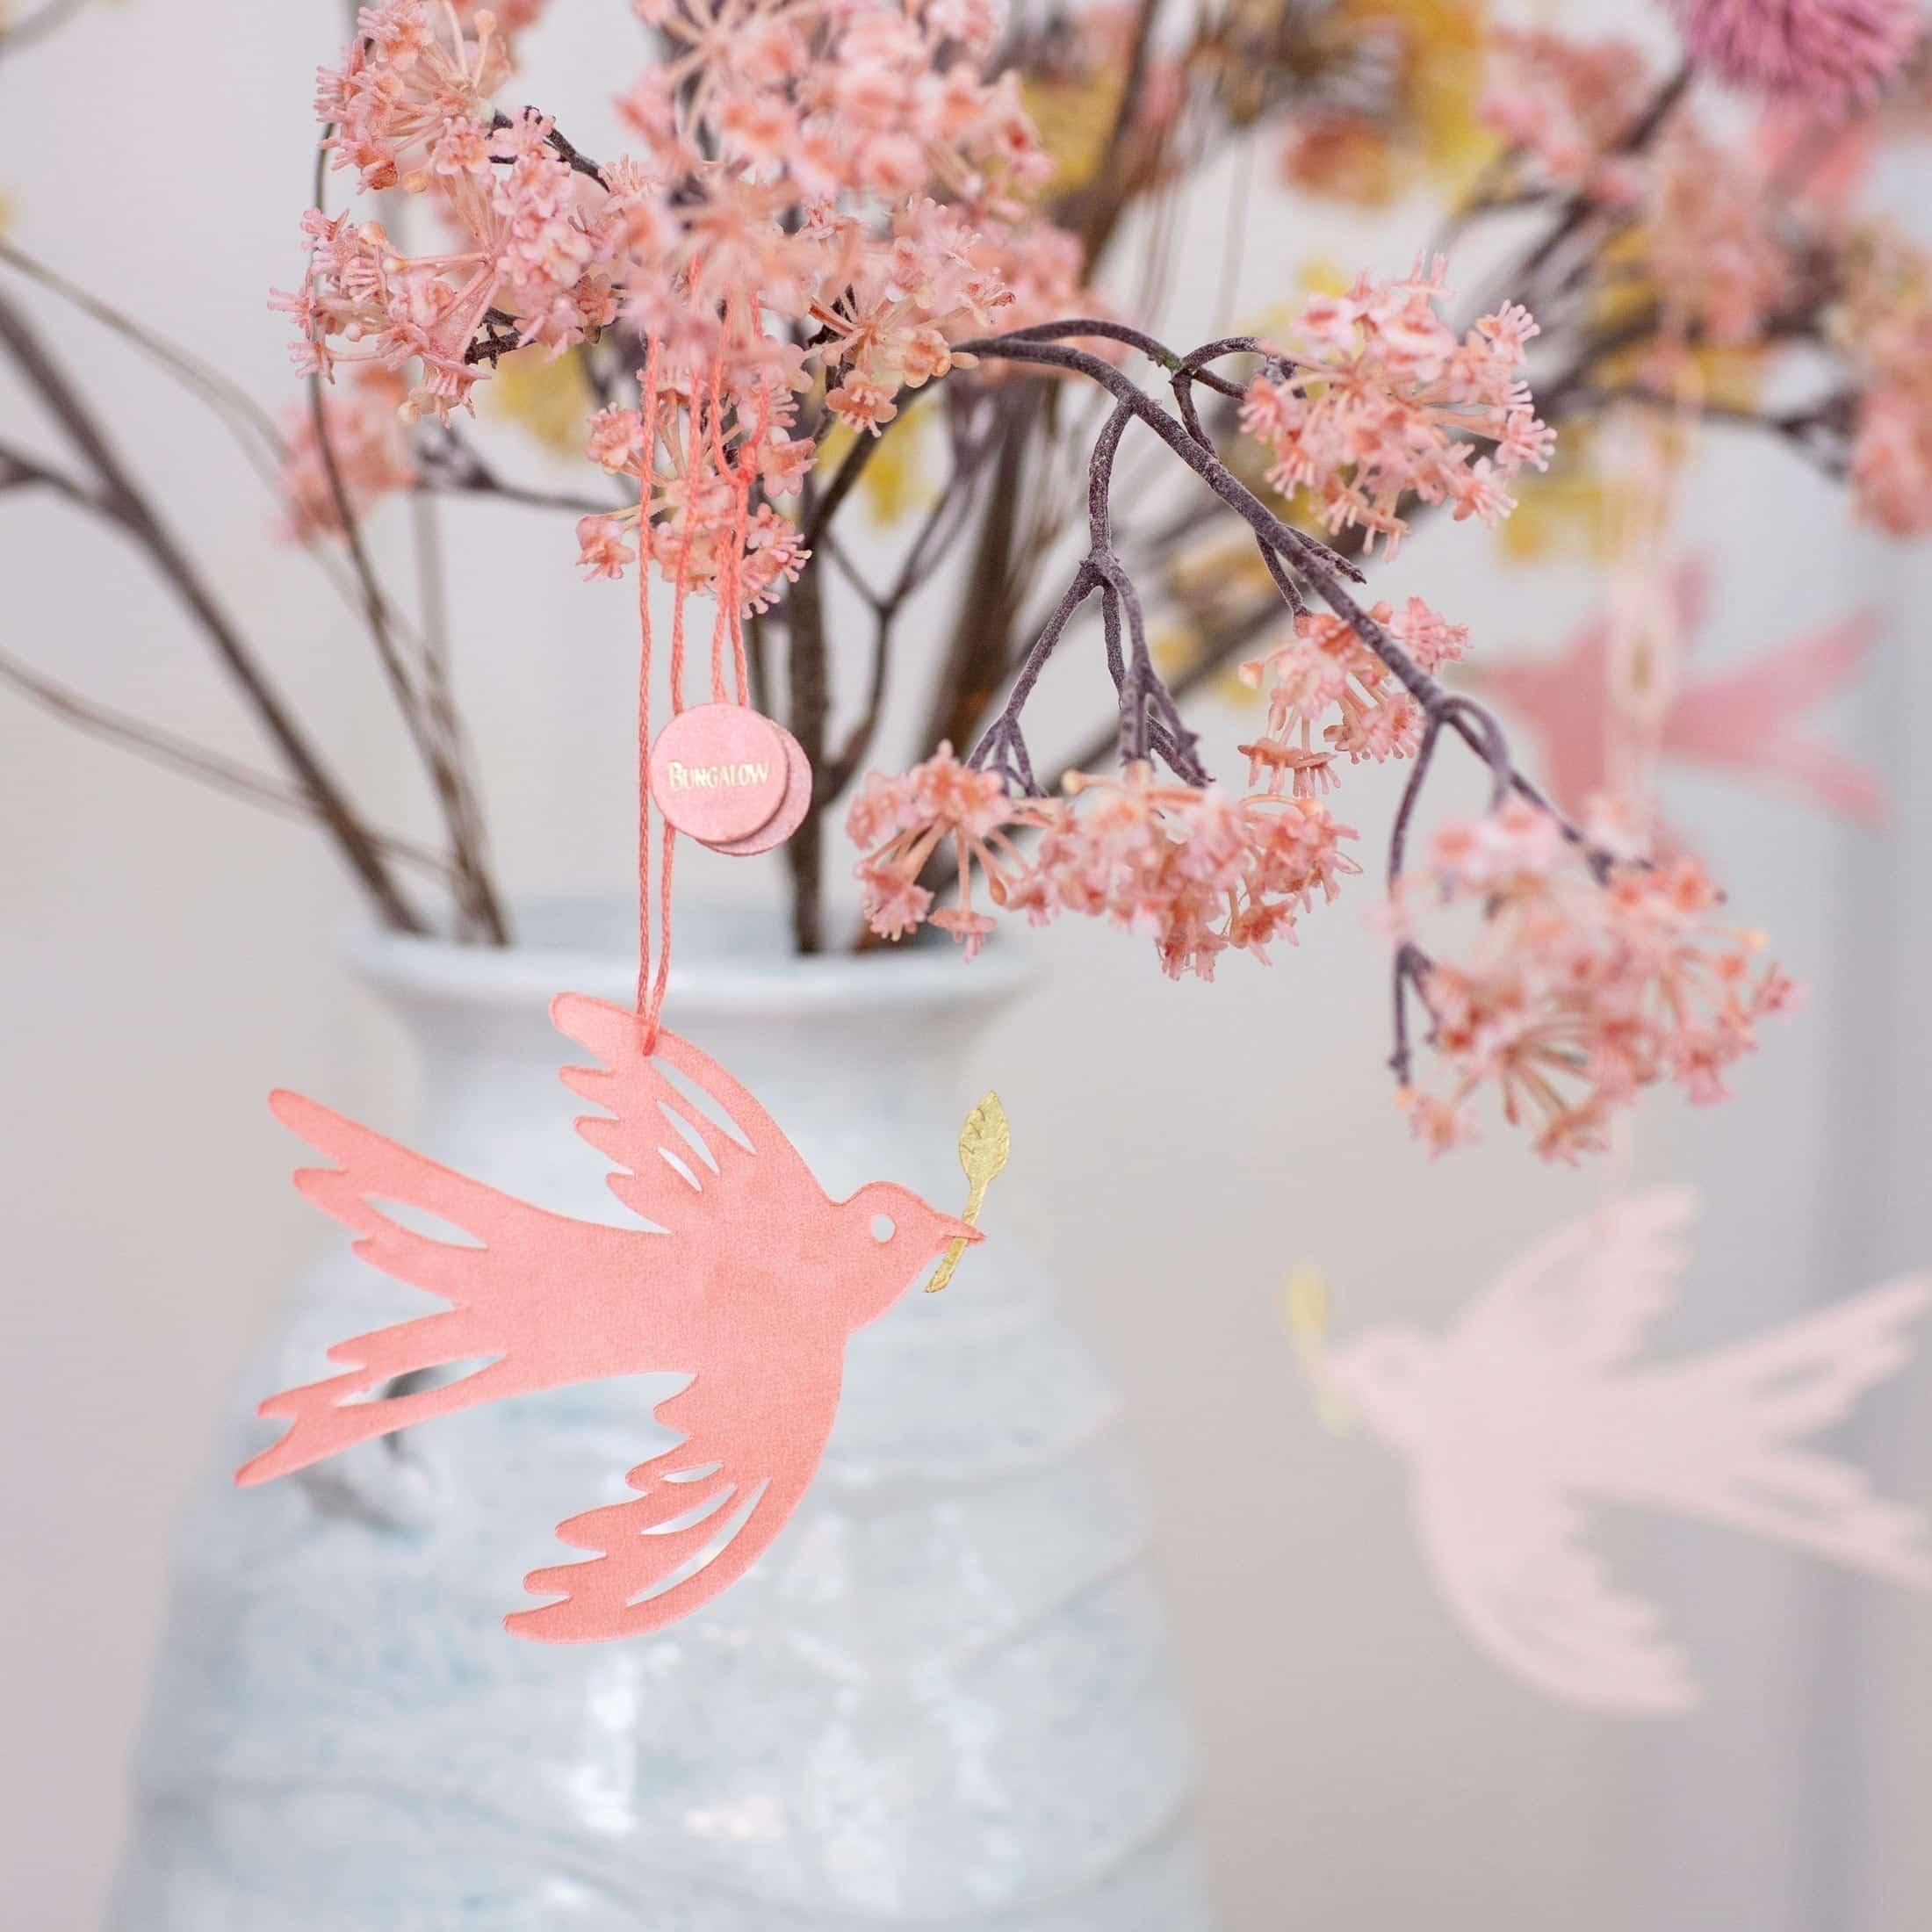 Deko Papier Anhänger Taube in Rosa mit einem goldenen Zweig. Dekoration von der Marke Bungalow Dänemark | online kaufen bei Soulbirdee, schneller Versand